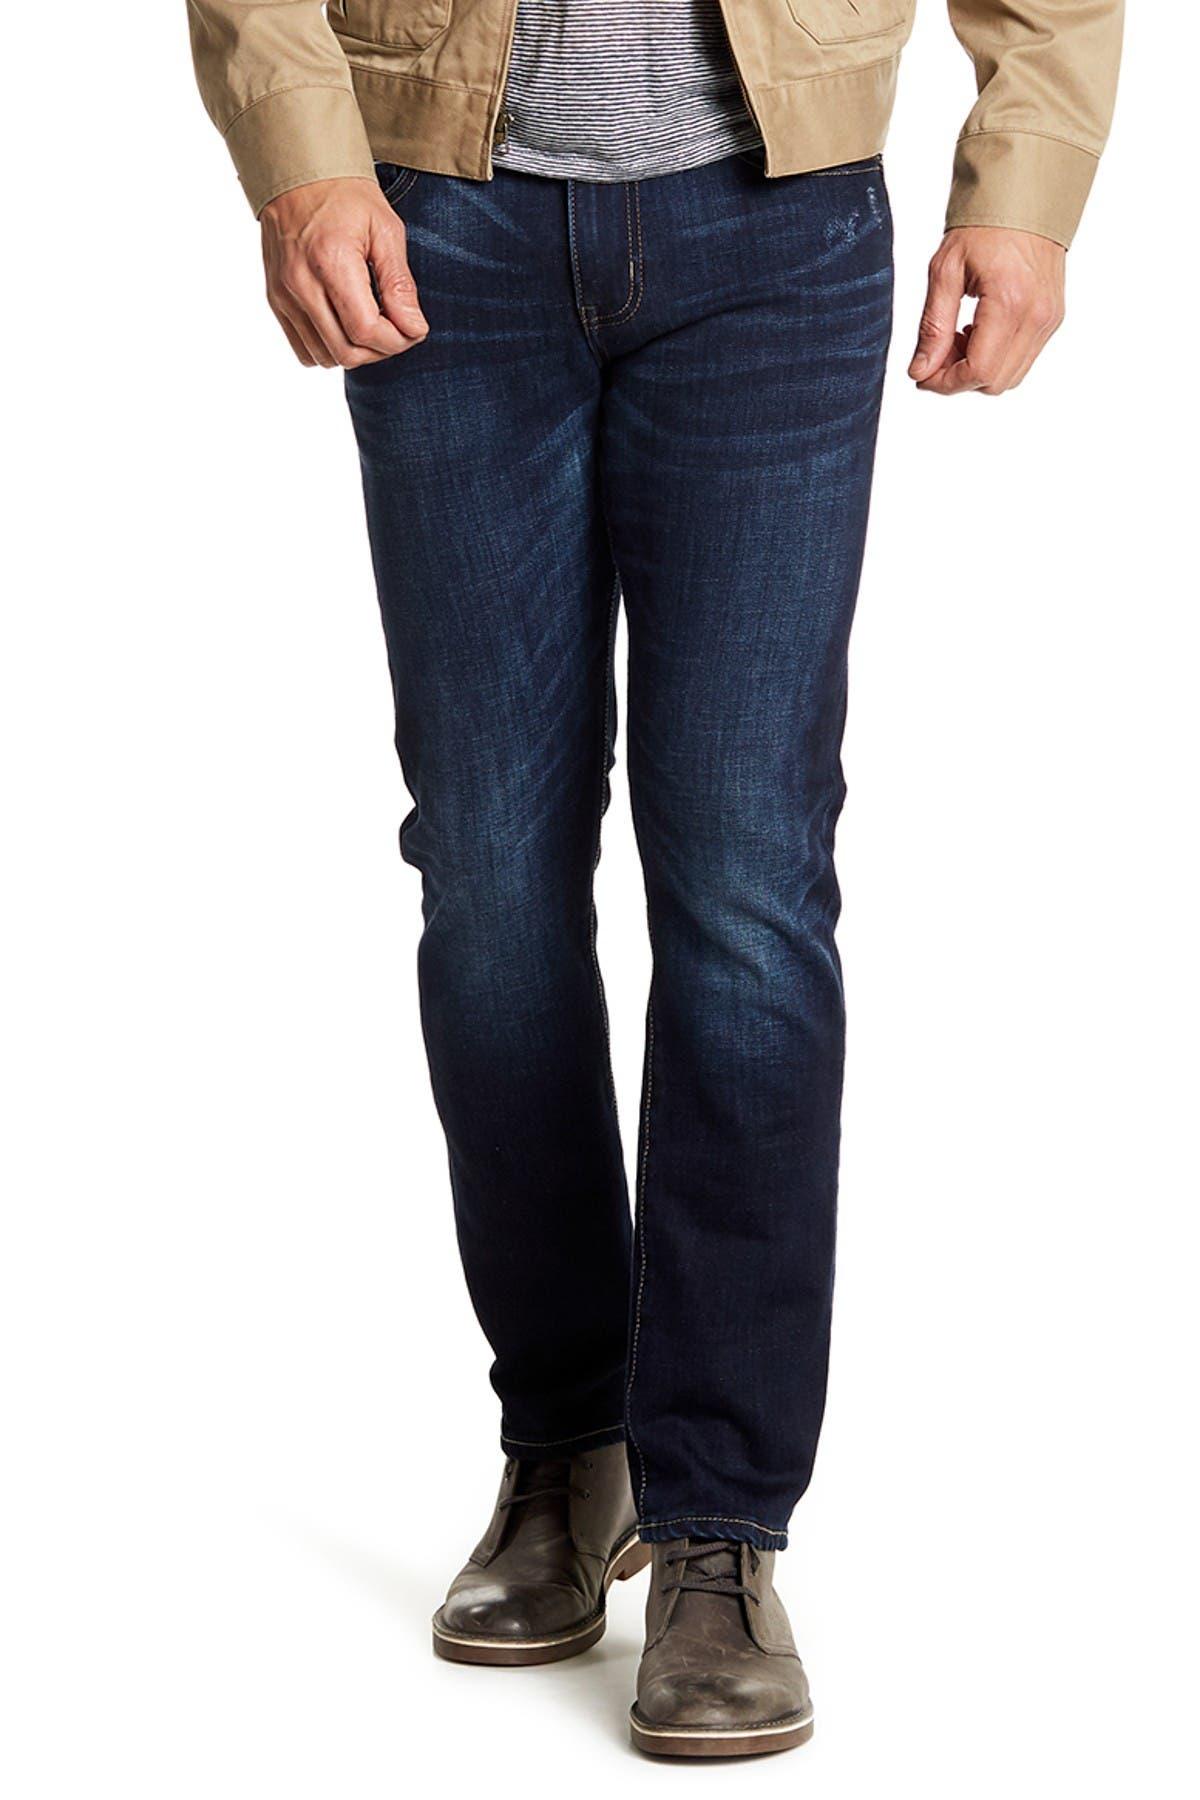 """Image of William Rast Dean Slim Straight Jeans - 30-32"""" Inseam"""